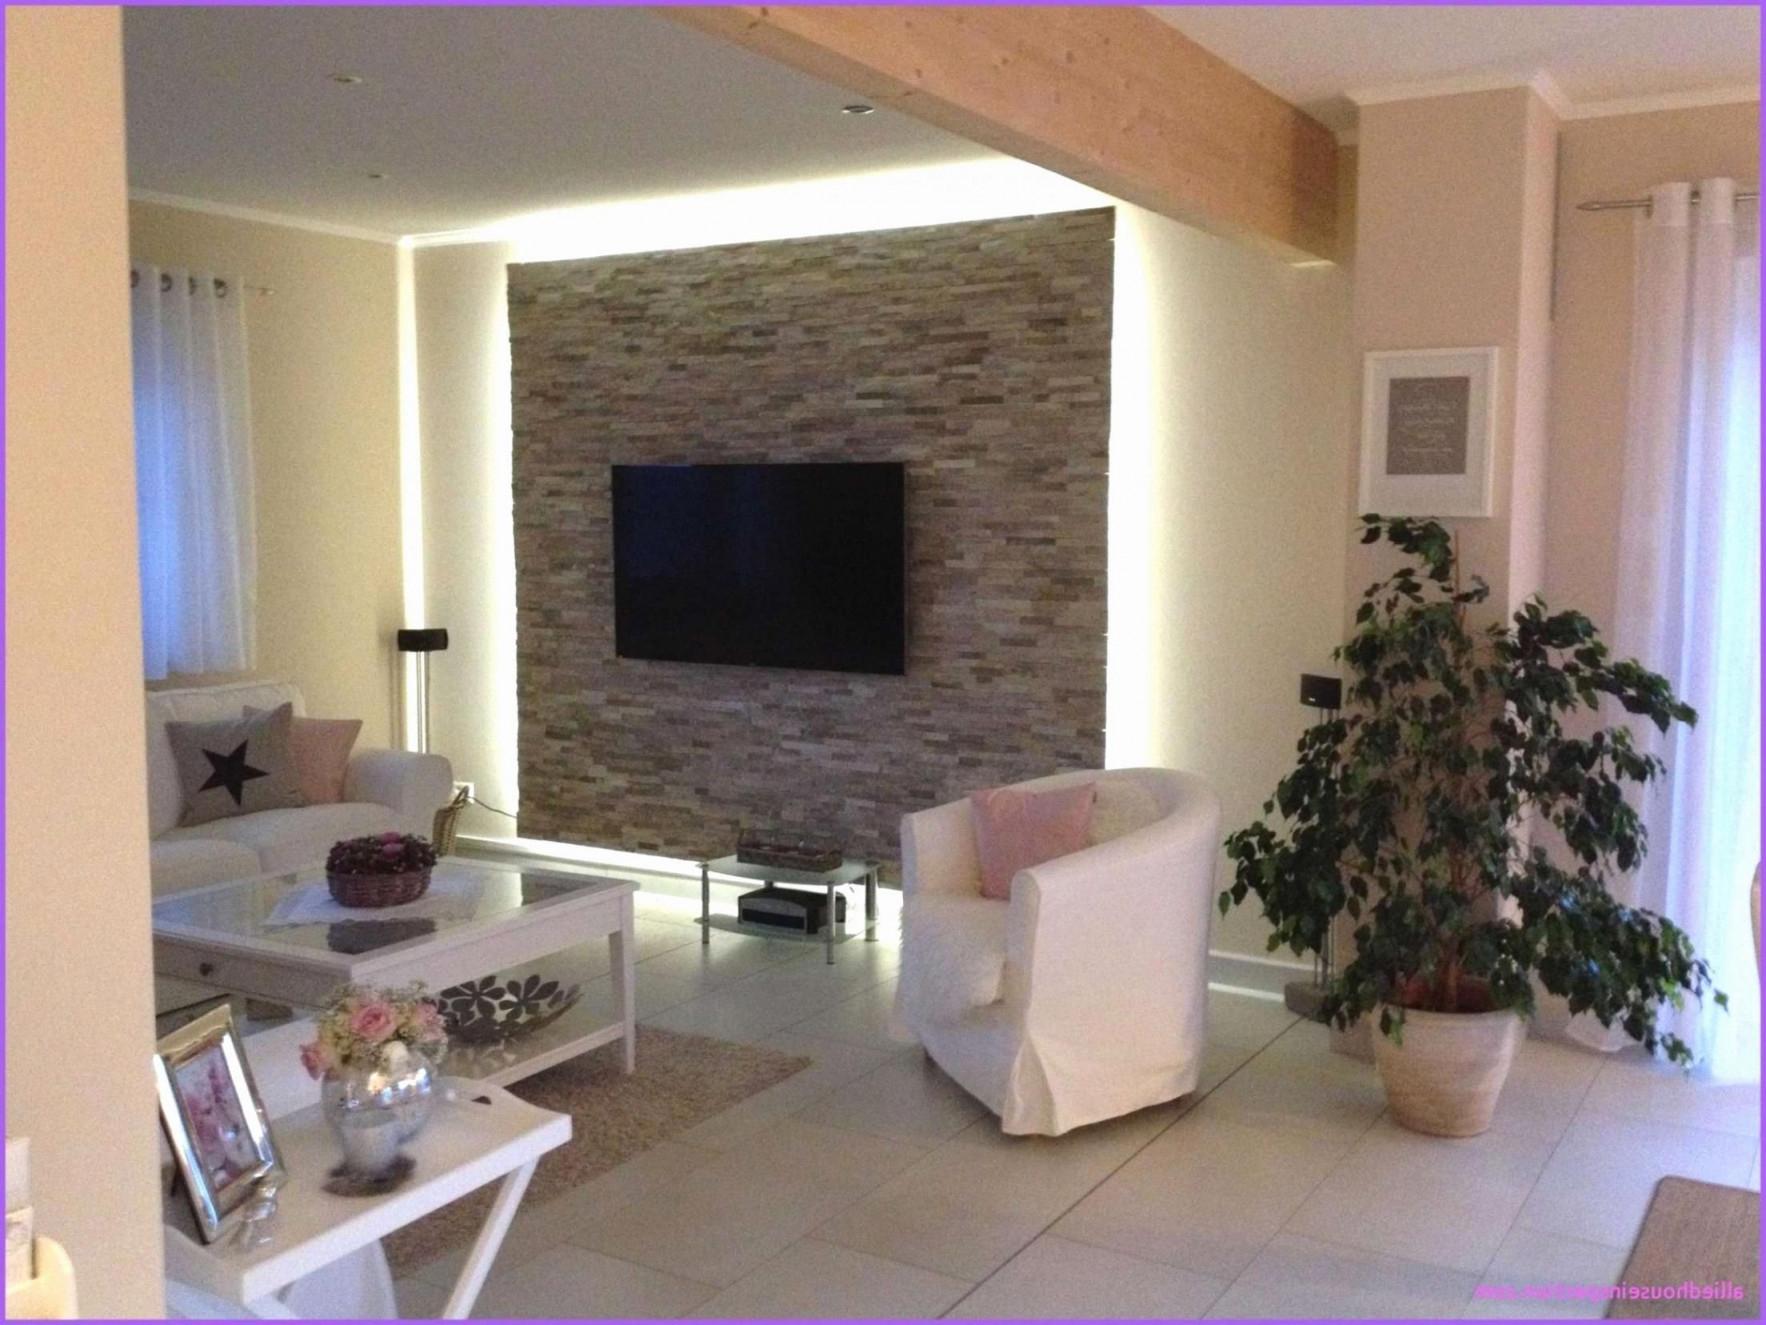 Kleines Wohnzimmer Einrichten Kleines Wohnzimmer Mit von Wohnzimmer Mit Essecke Einrichten Photo